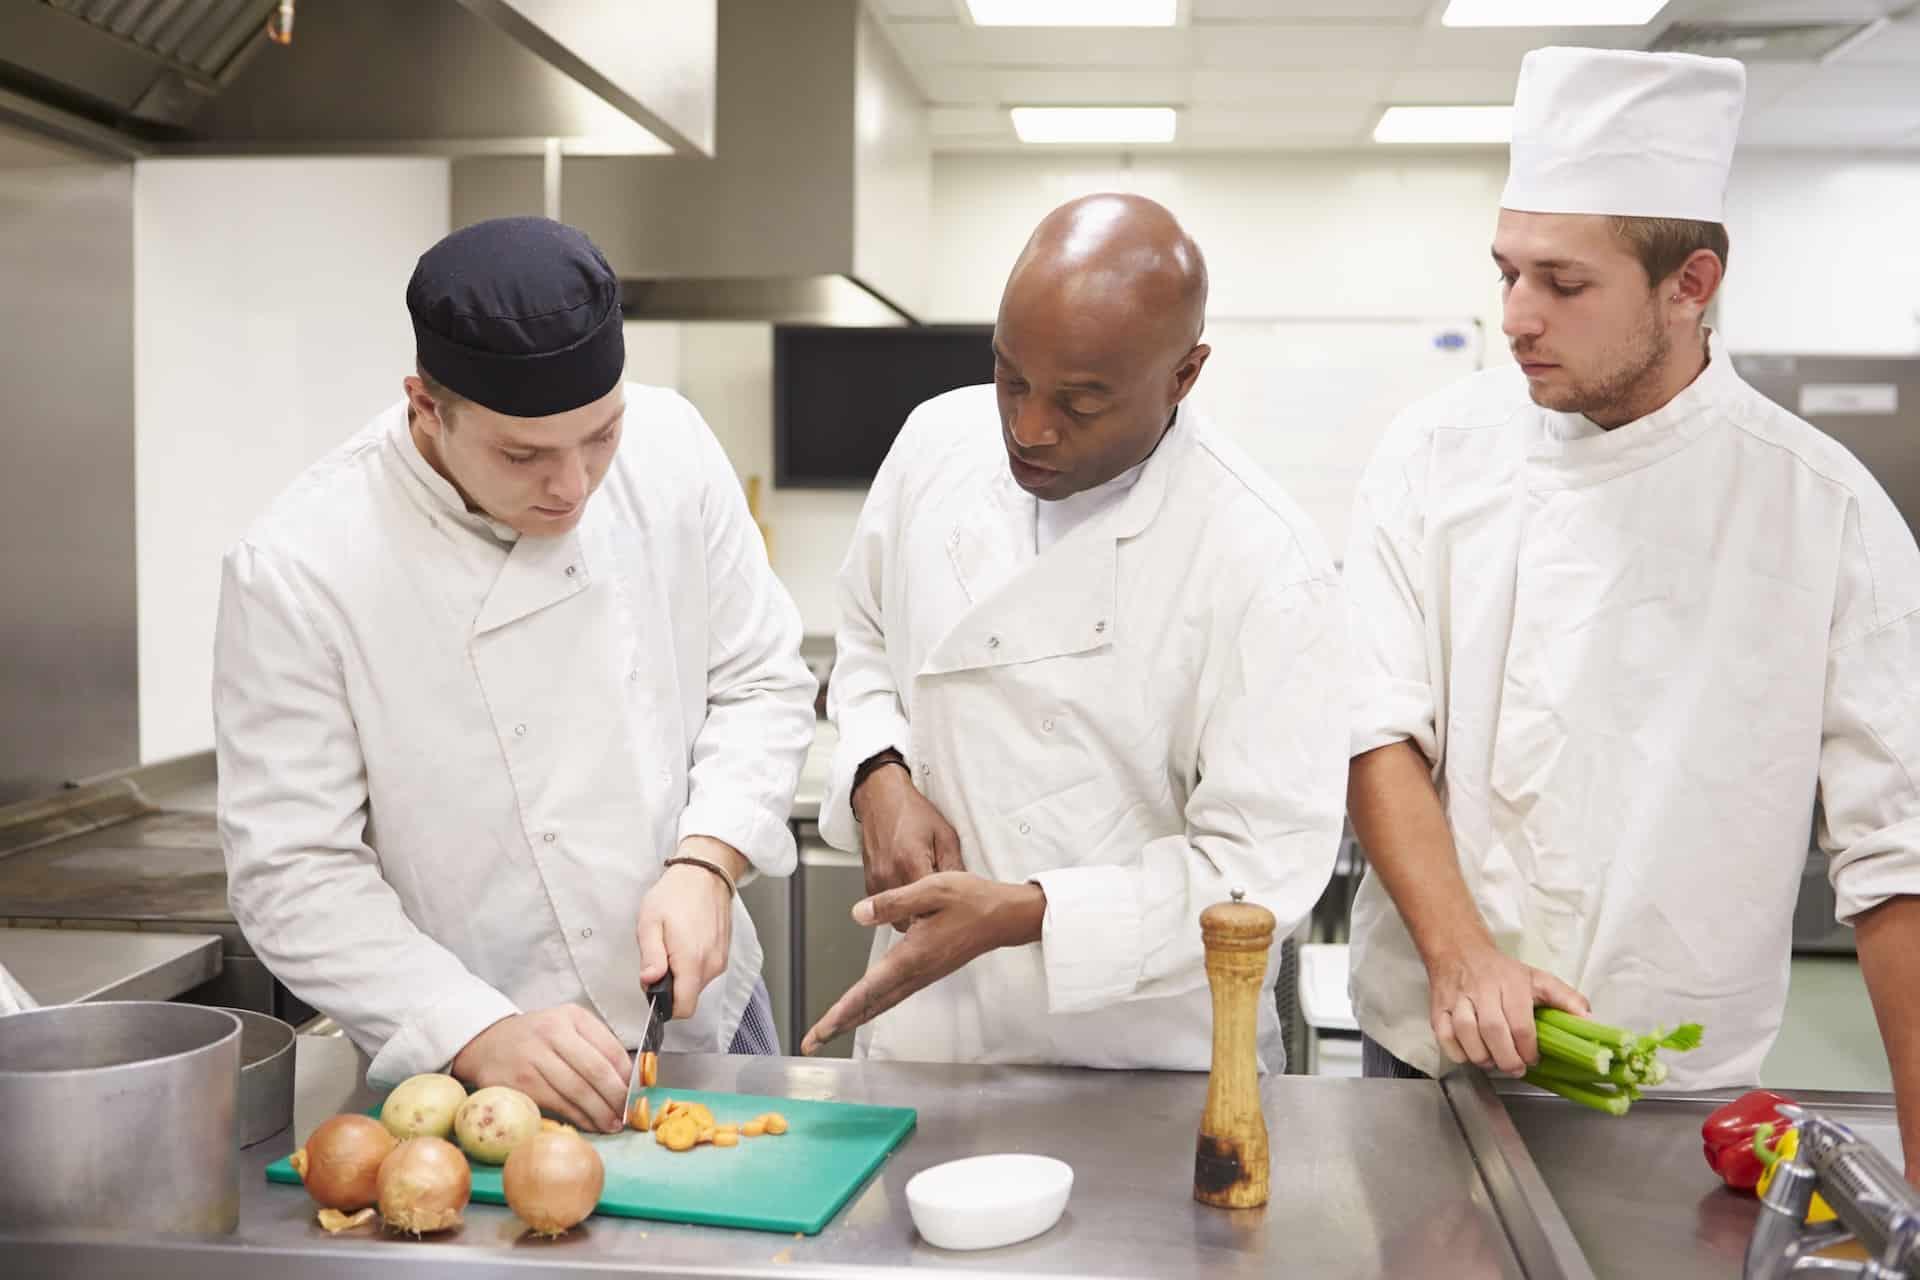 Ein Koch zeigt zwei Auszubildenden, wie man schneidet